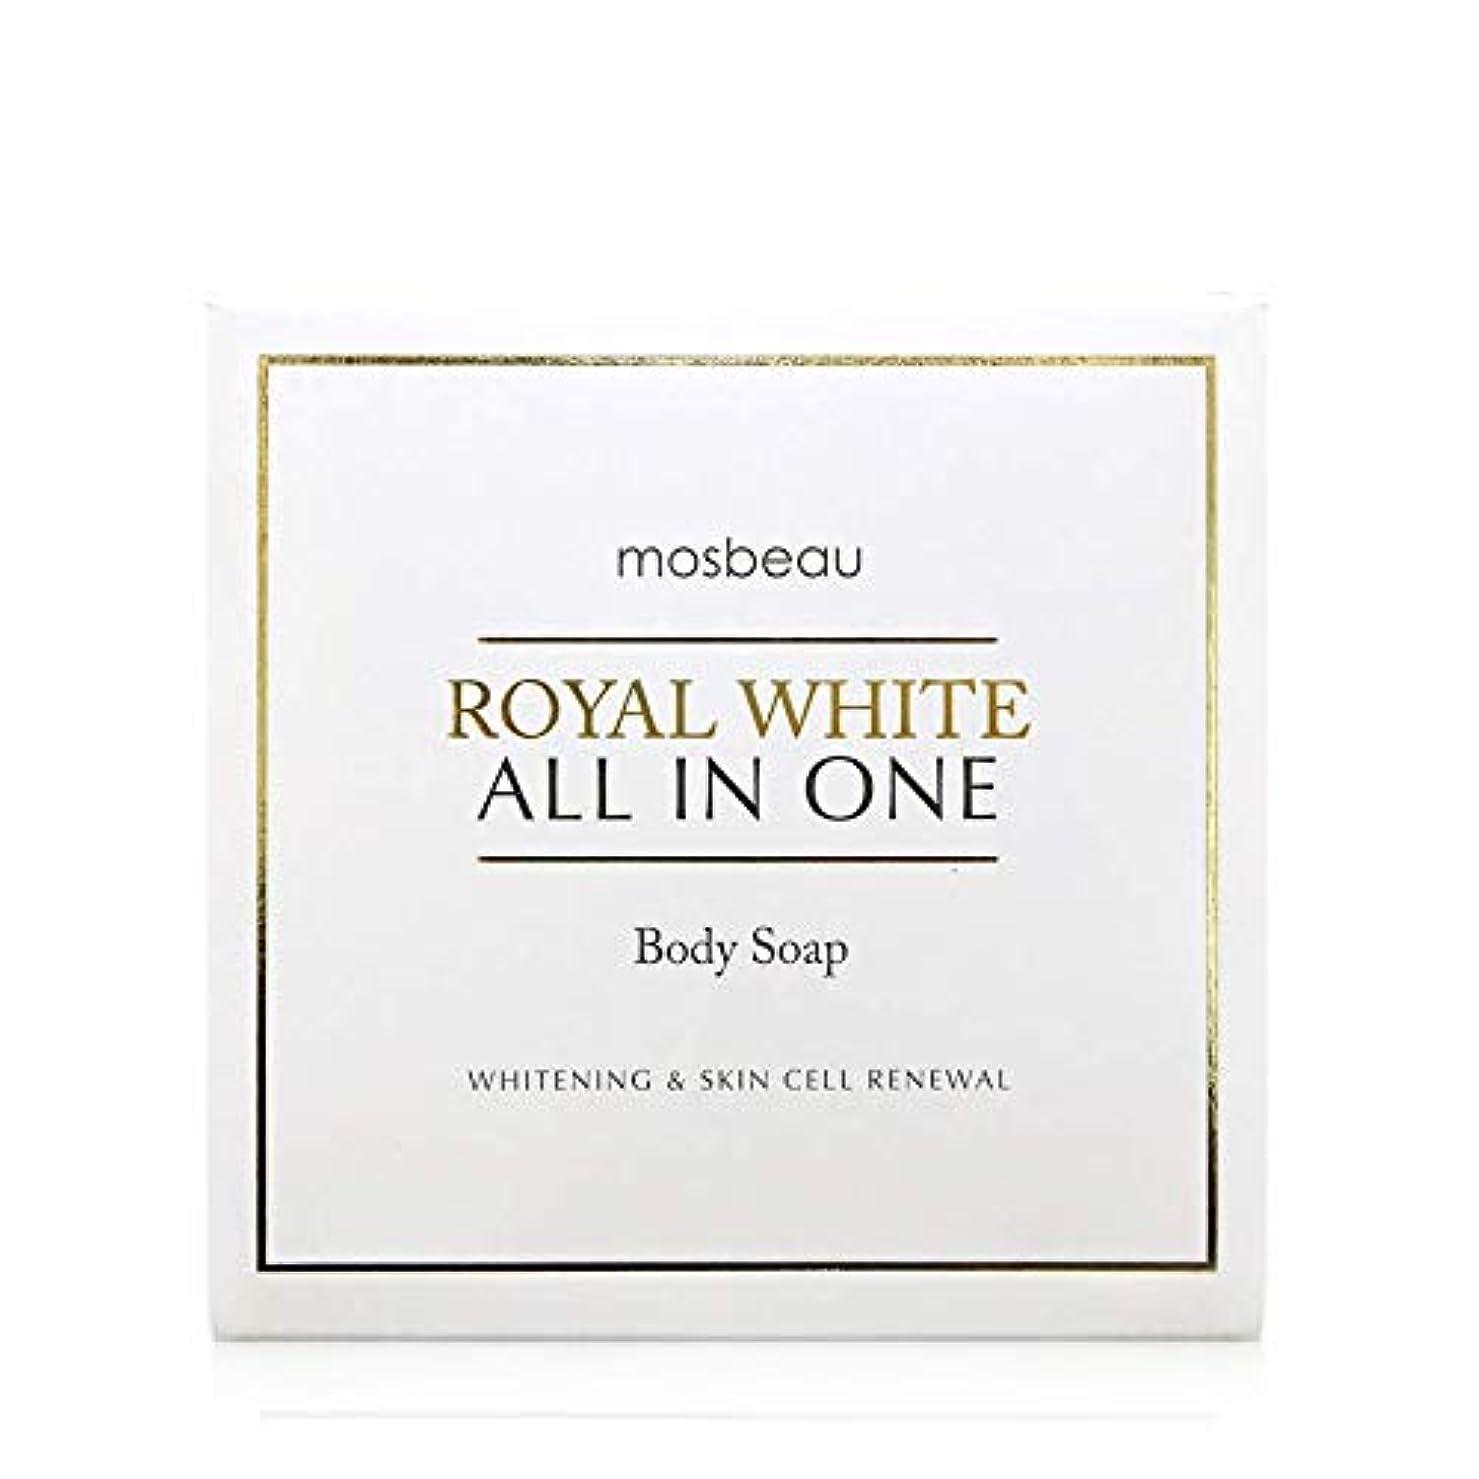 散歩枠離すmosbeau ROYAL WHITE ALL-IN-ONE BODY SOAP 100g ロィヤルホワイトオールインワンボディーソープ